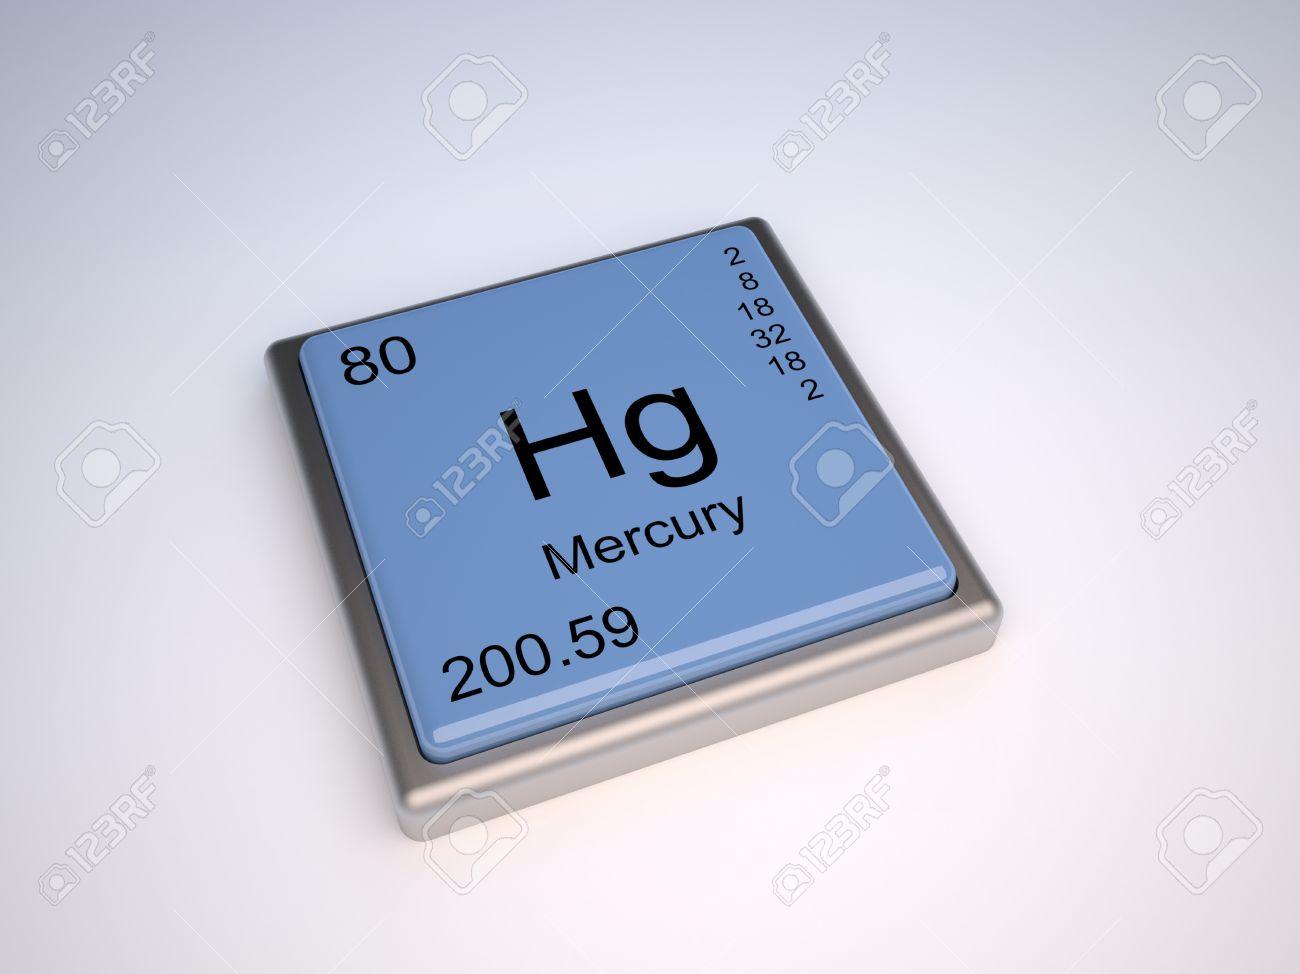 Elemento qumico de mercurio de la tabla peridica con smbolo hg elemento qumico de mercurio de la tabla peridica con smbolo hg foto de archivo 9994908 urtaz Image collections